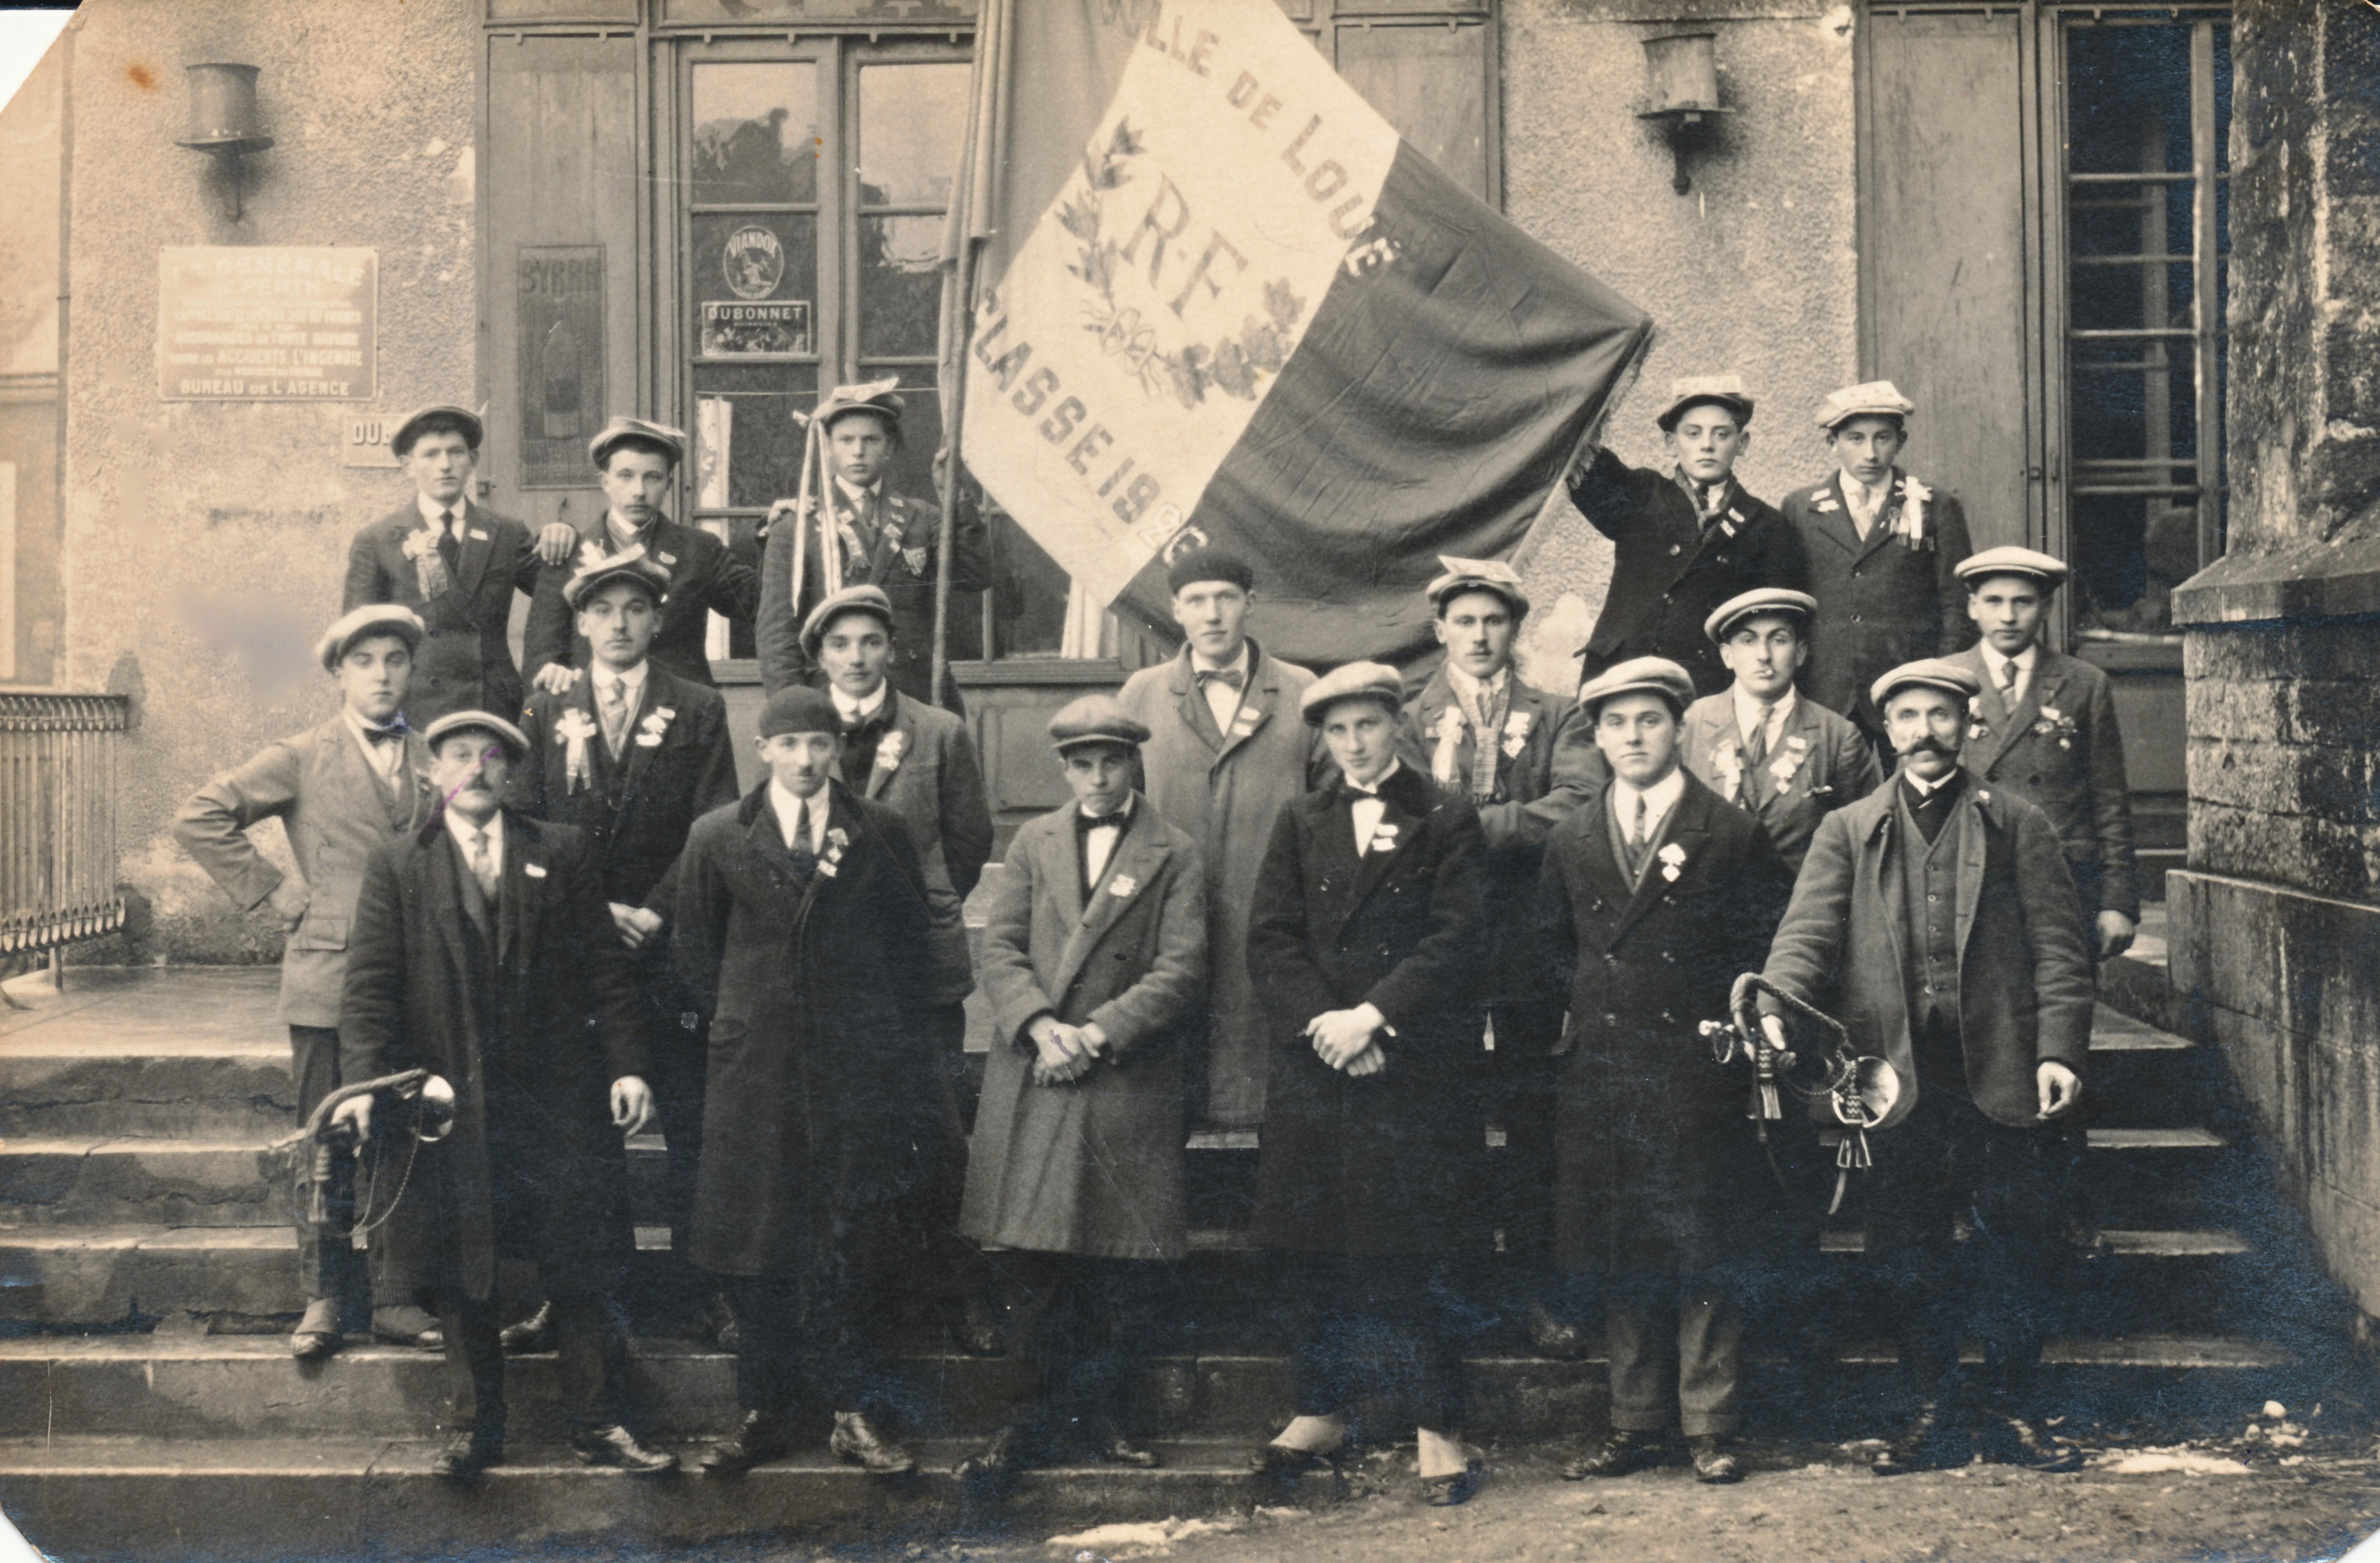 Loué - Militaires - Conscrits - LEVEAU Gustave, Louis au 2nd rang à gauche avec la main sur la hanche - Mon grand père - Classe 1926 (Sylvie Leveau)